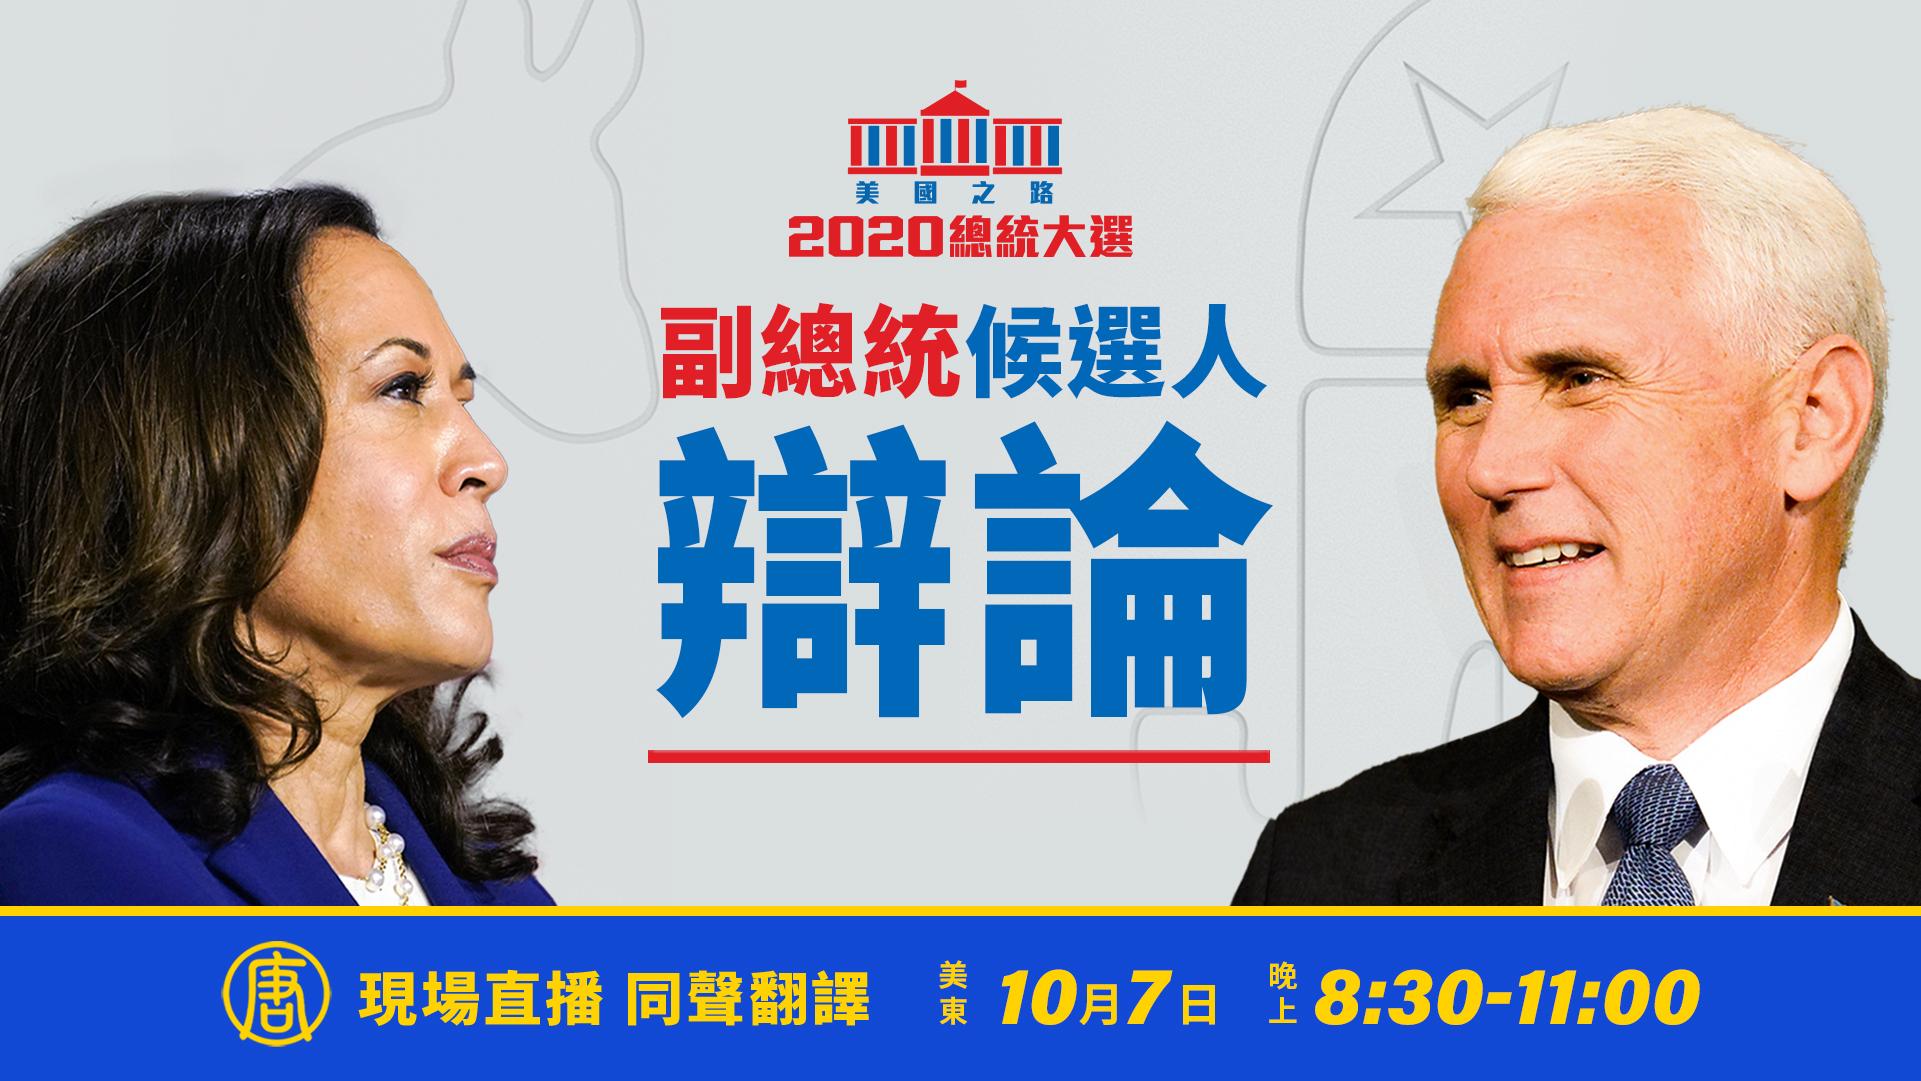 2020年10月7日,美國副總統候選人辯論會登場。(大紀元合成)